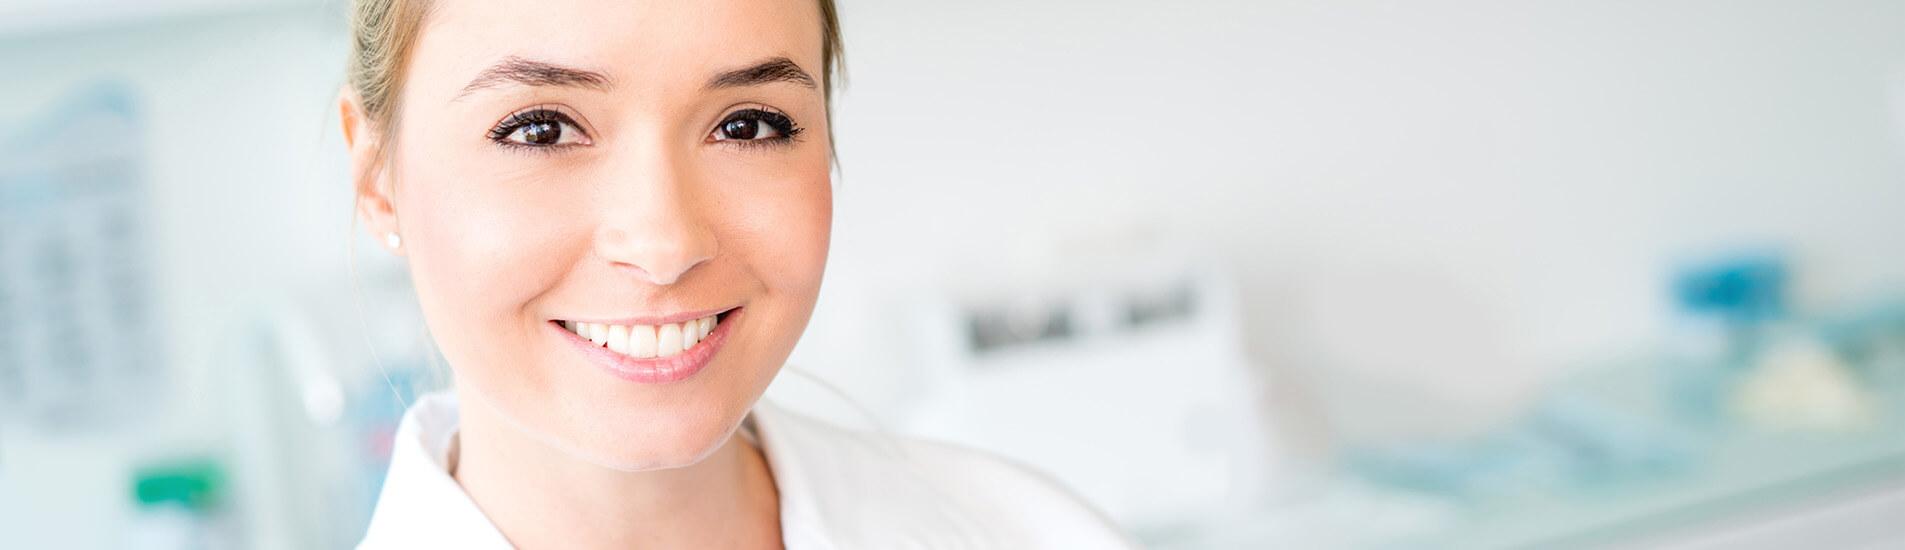 Esthetique dentaire - Dentiste Orleans - Sourire